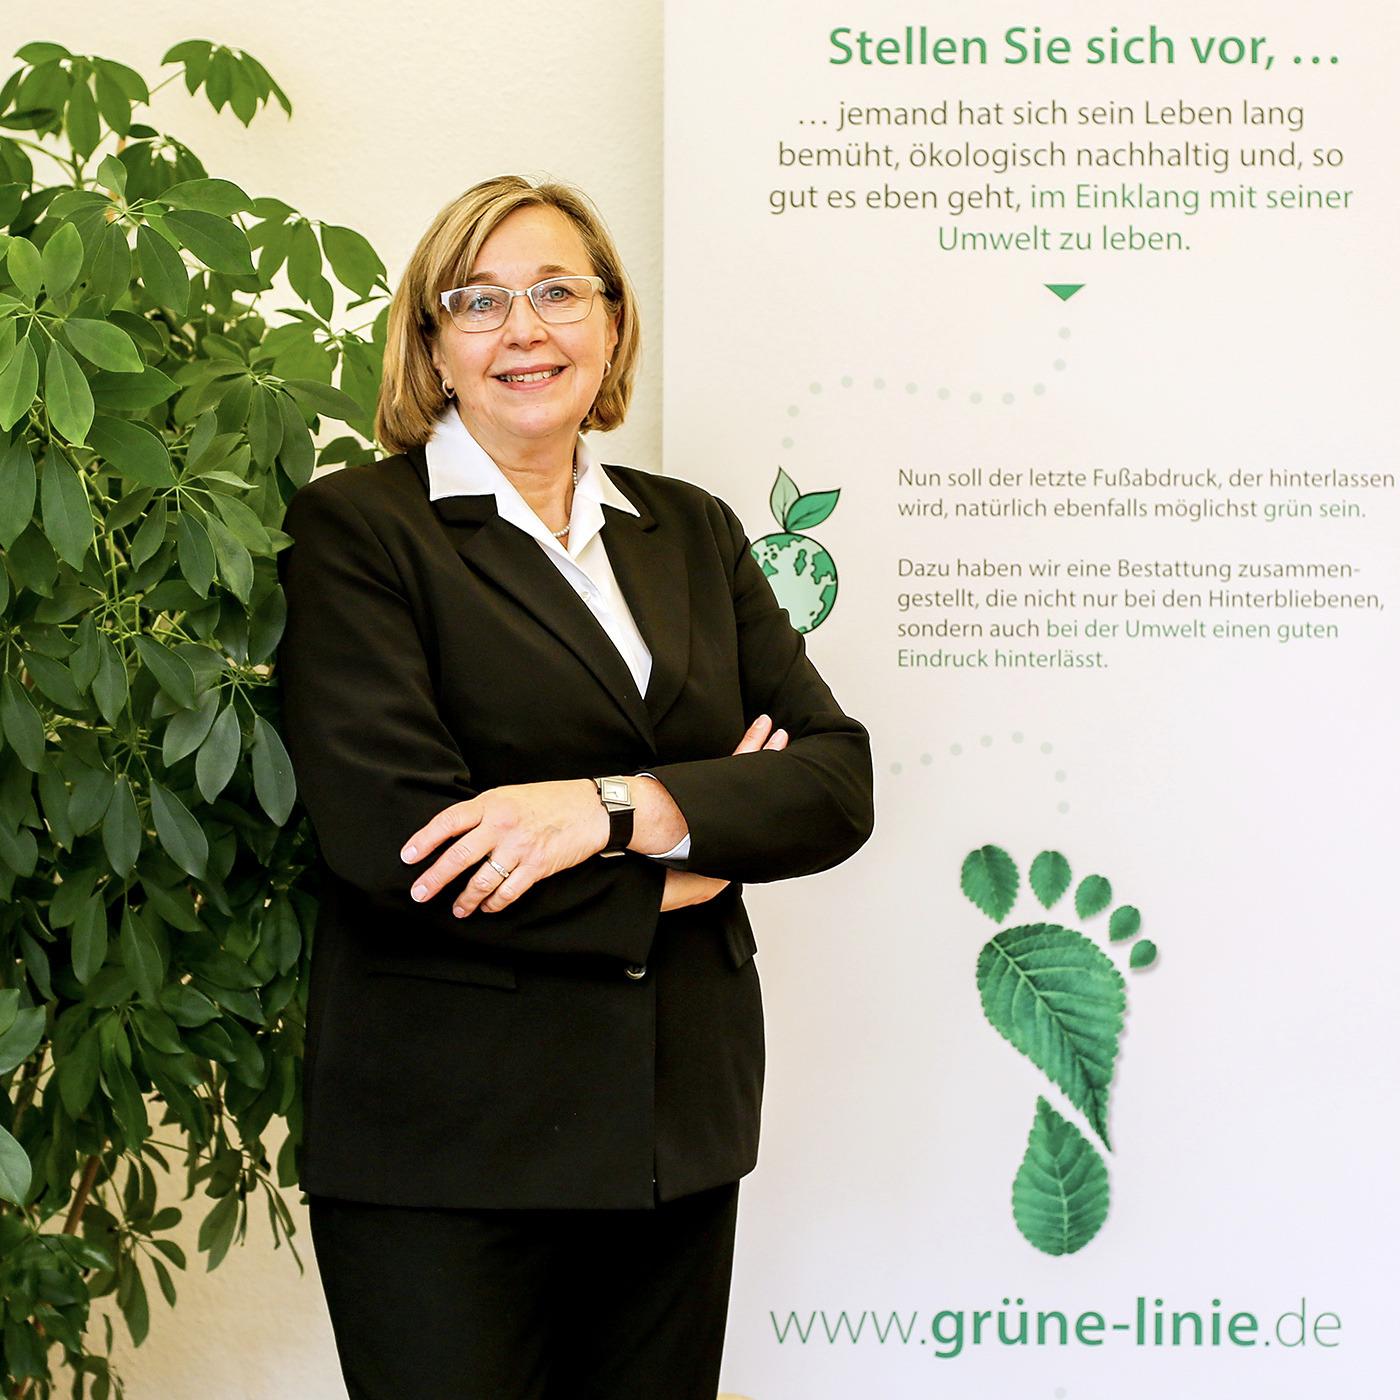 Birgit Holz